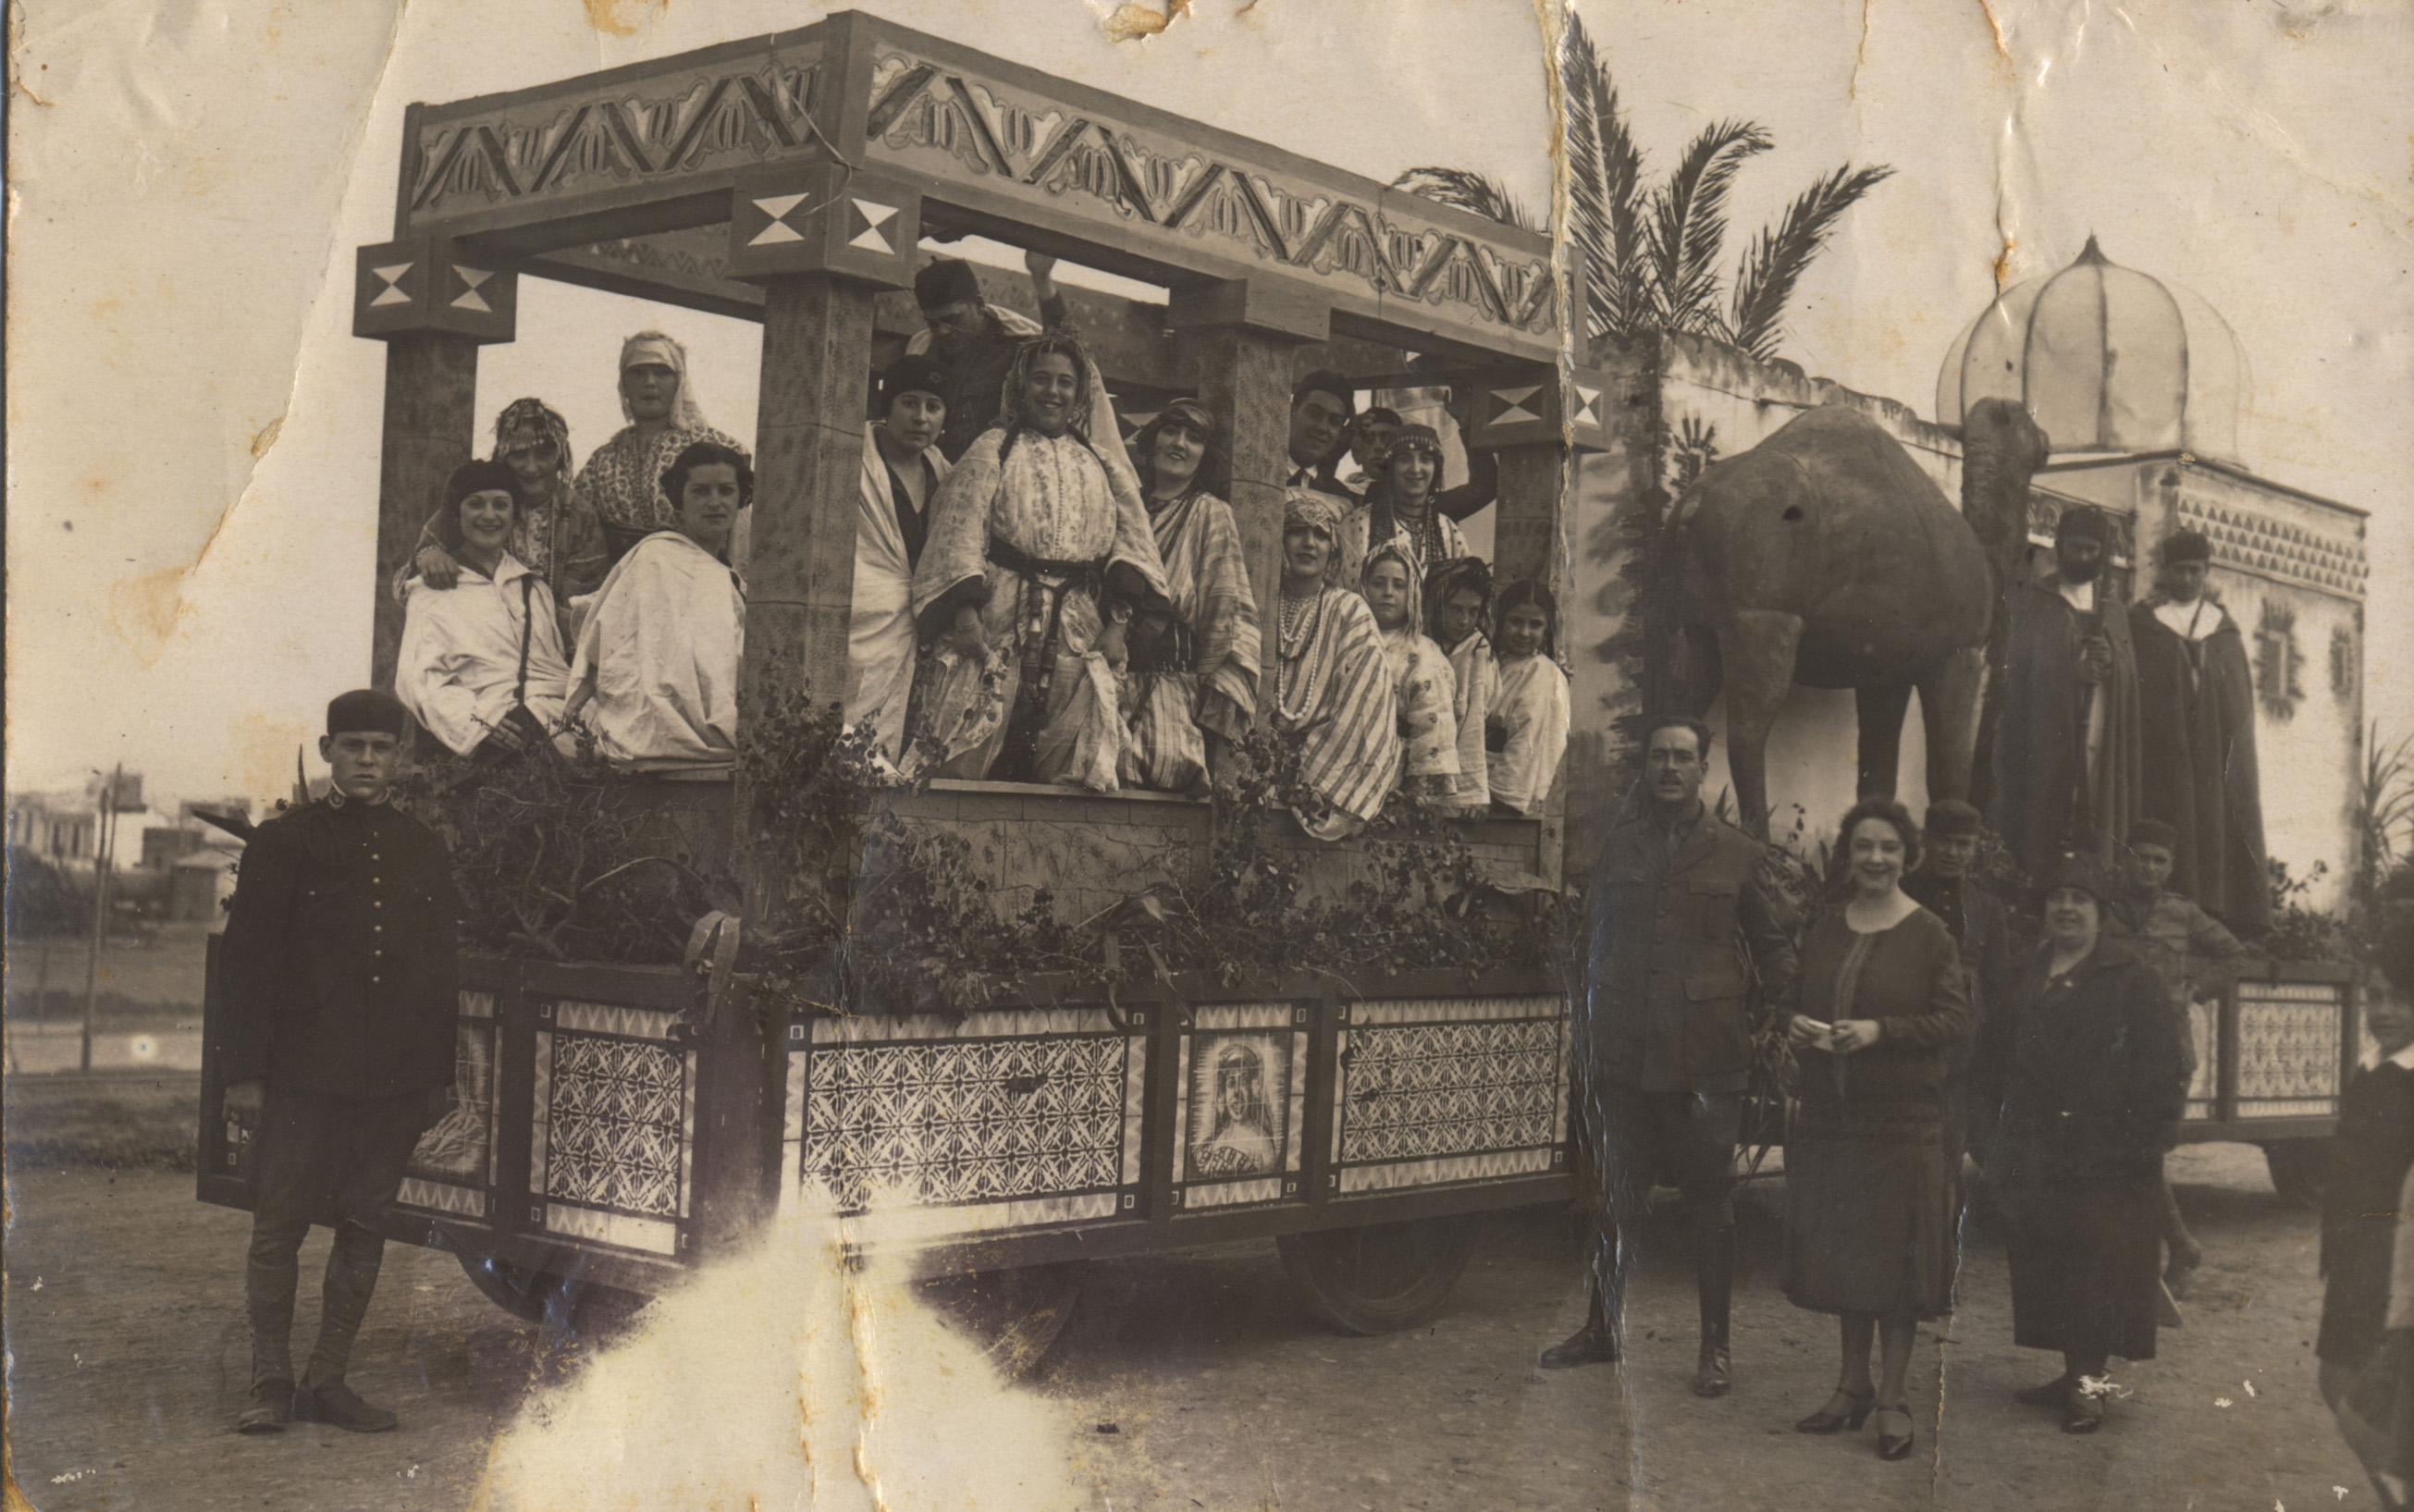 Carroza Carnaval de Canarias 1928